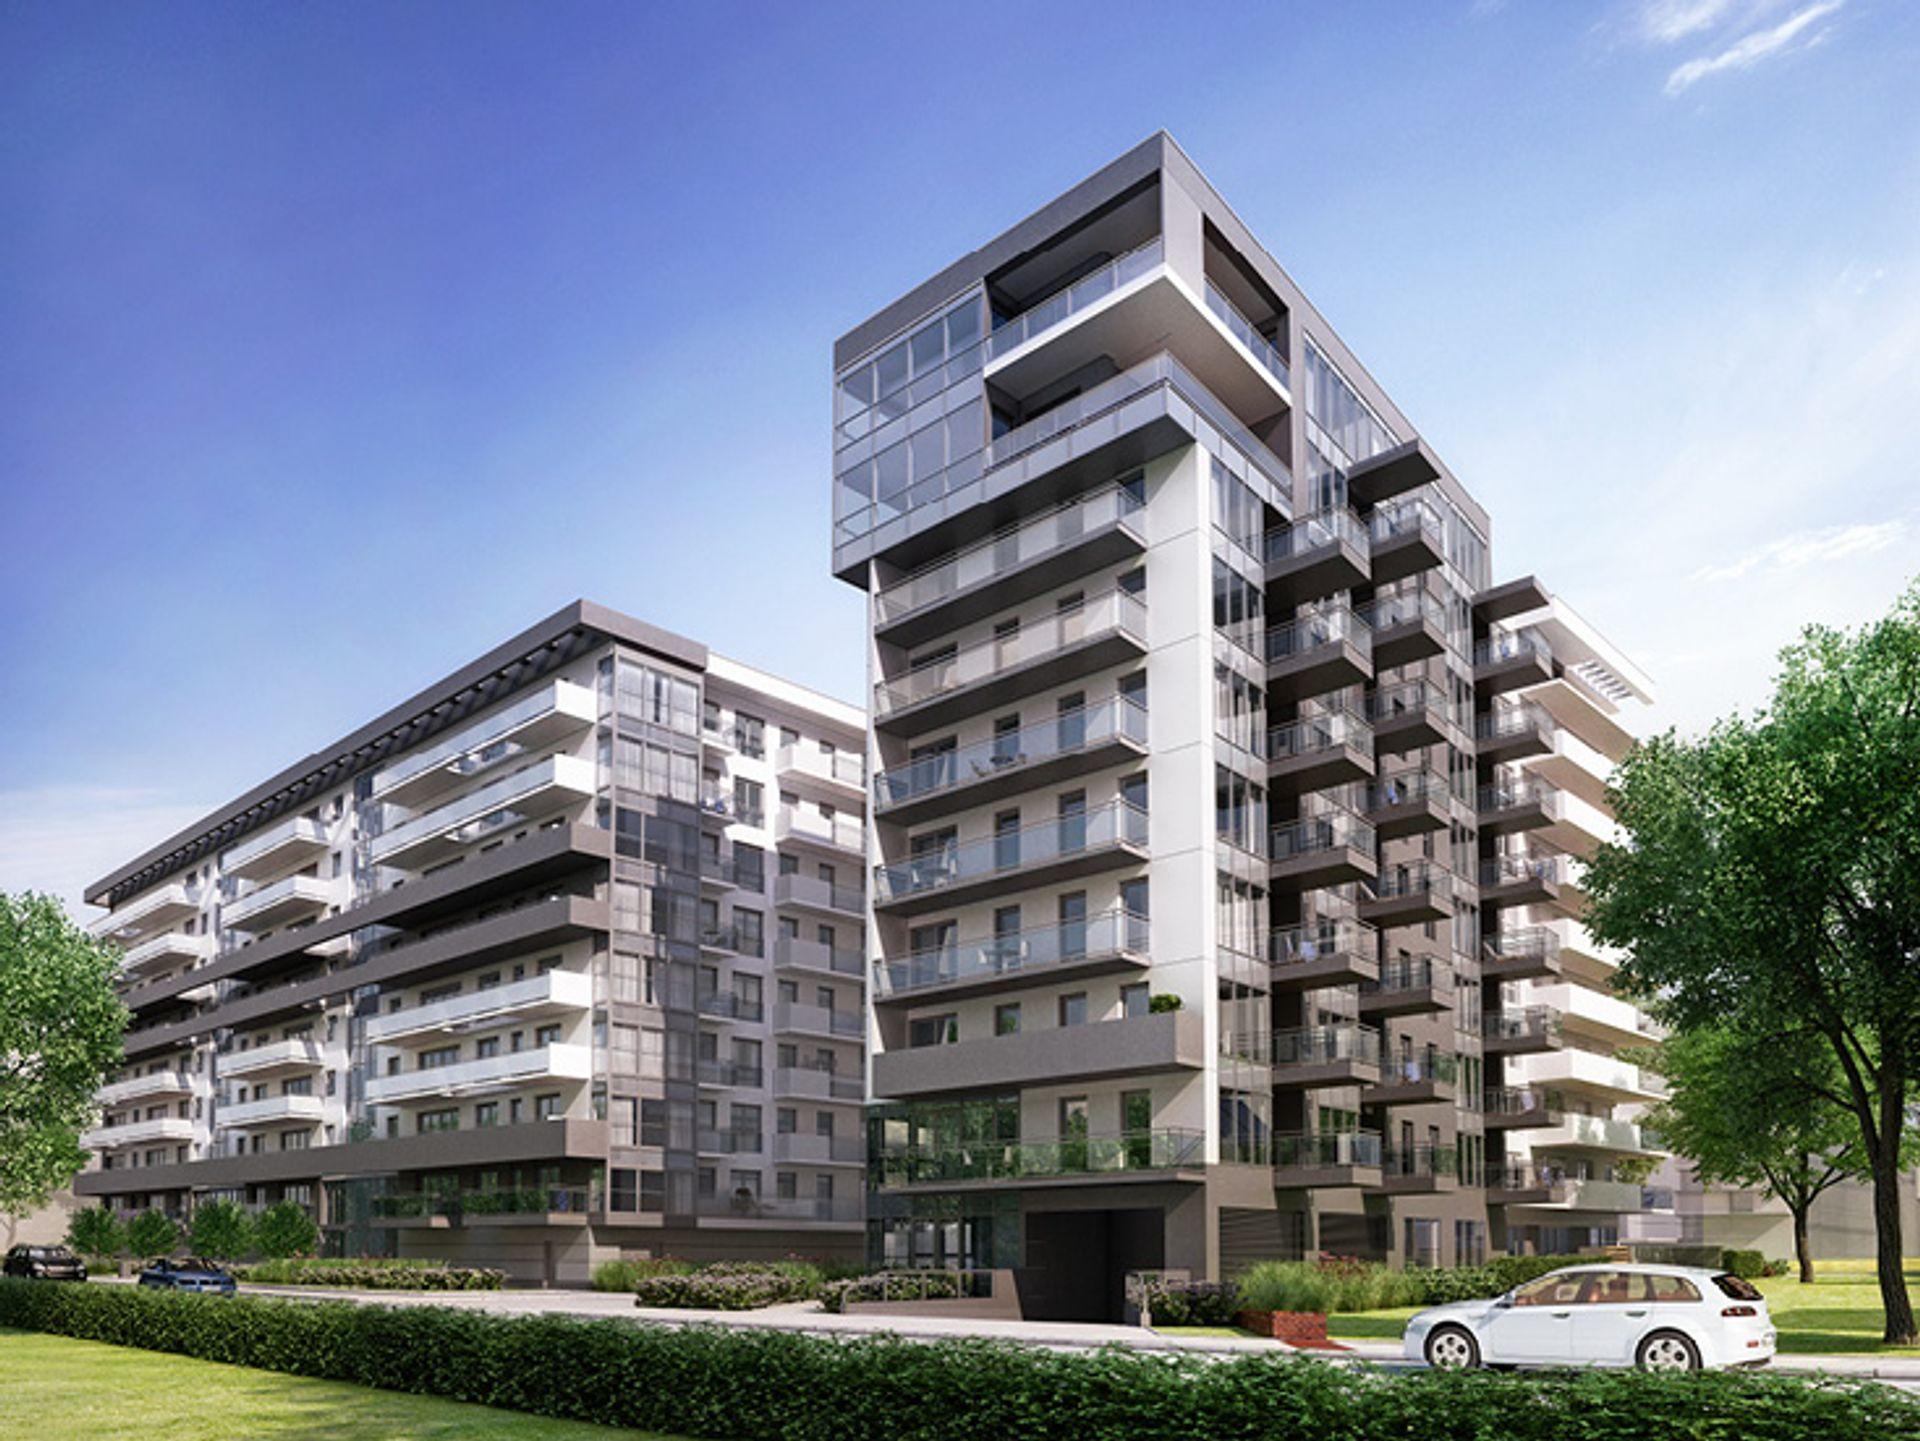 [Wrocław] Apartamenty nad rzeką z niesamowitym widokiem. River Point przyciąga klientów